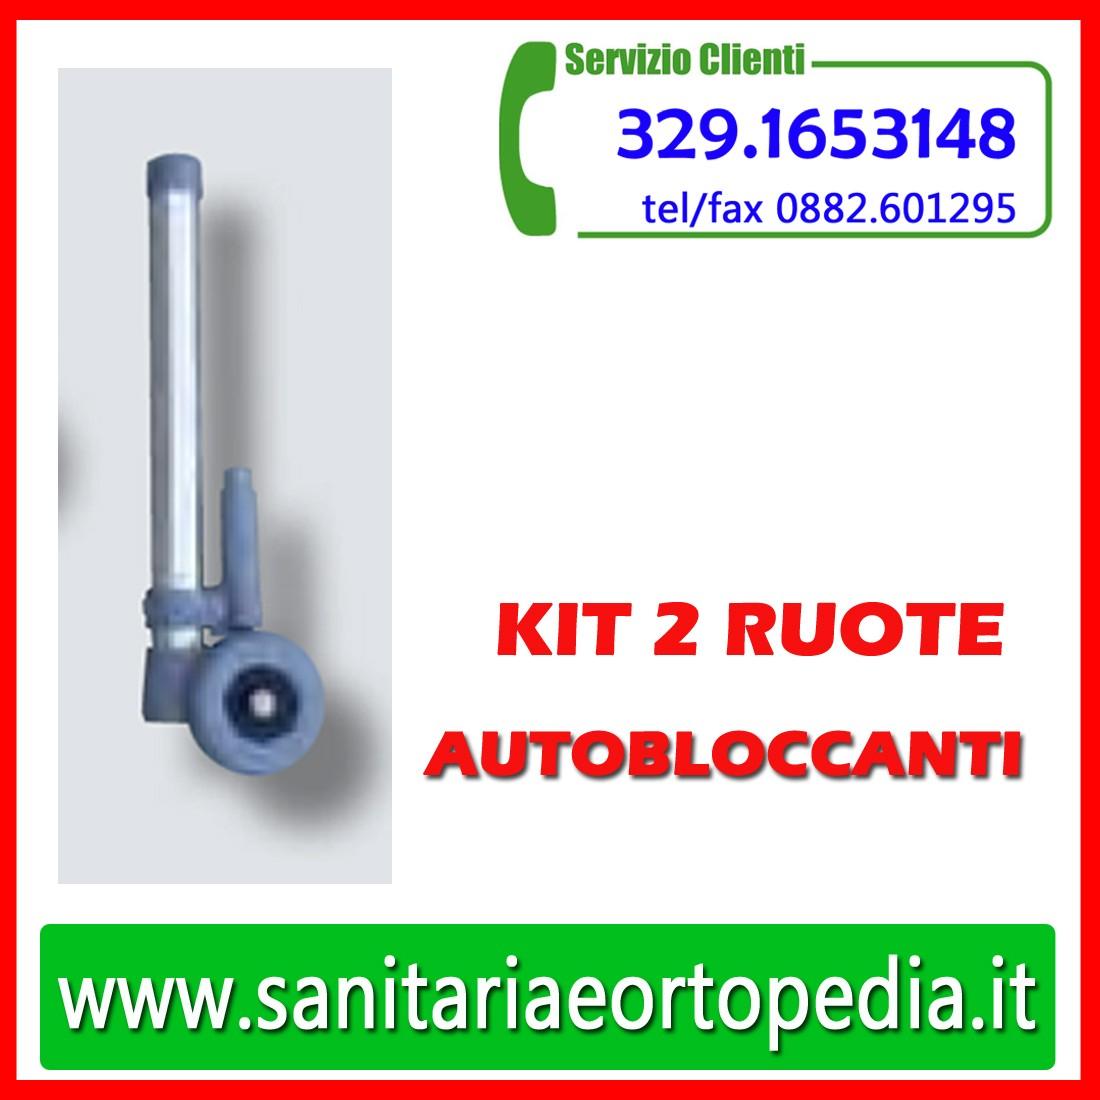 d42be5ed3af5 Kit 2 ruote con sistema autobloccante - Sanitaria e Ortopedia